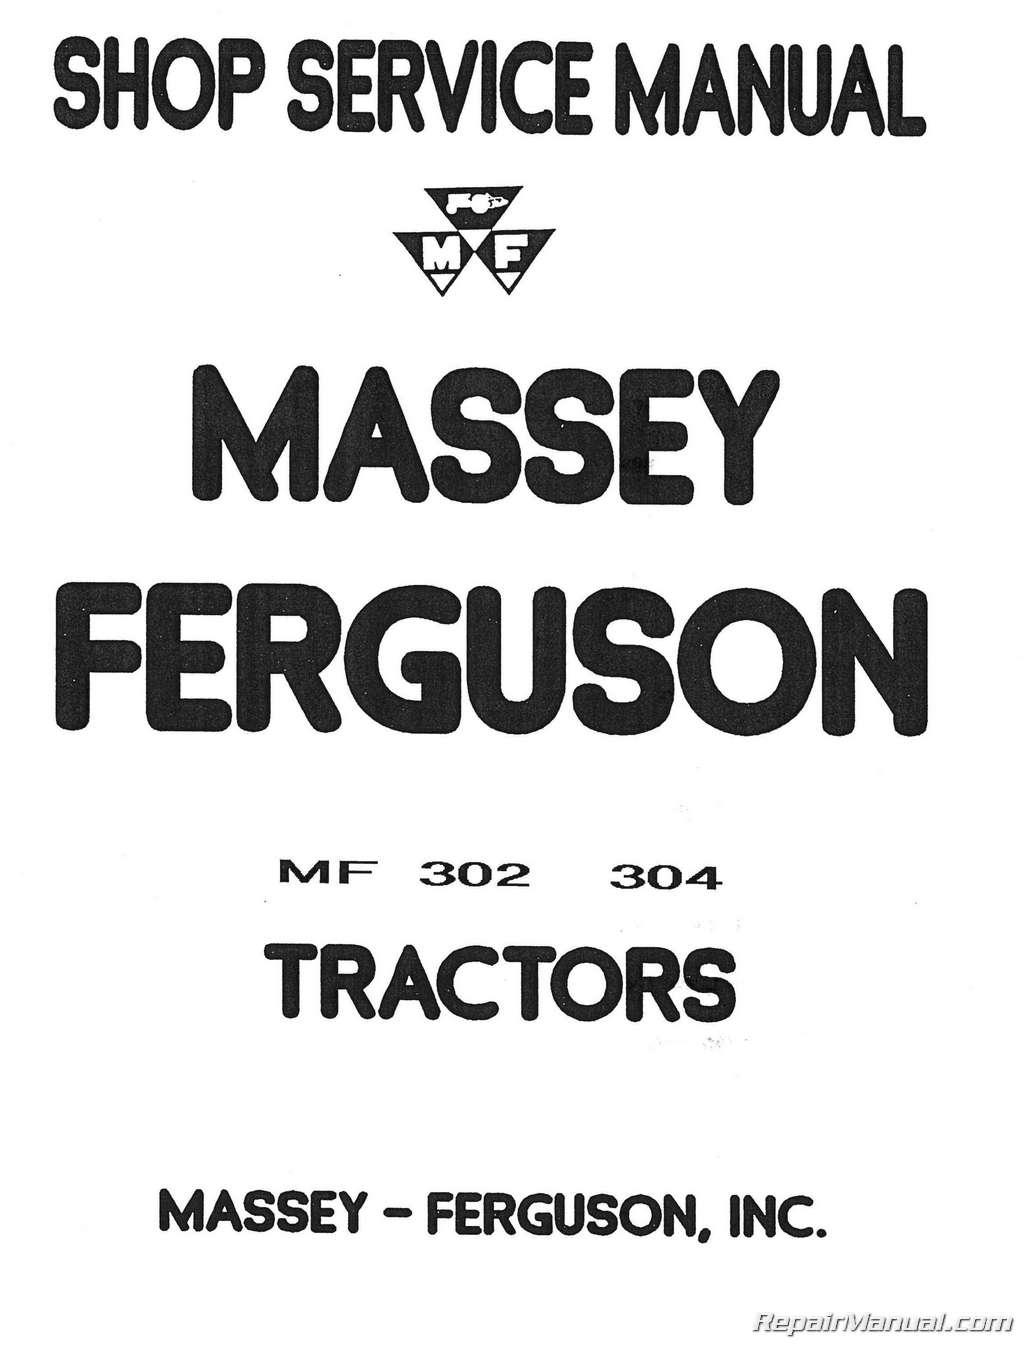 Massey Ferguson MF 302 MF 304 Tractor MF 320 Backhoe Service Manual